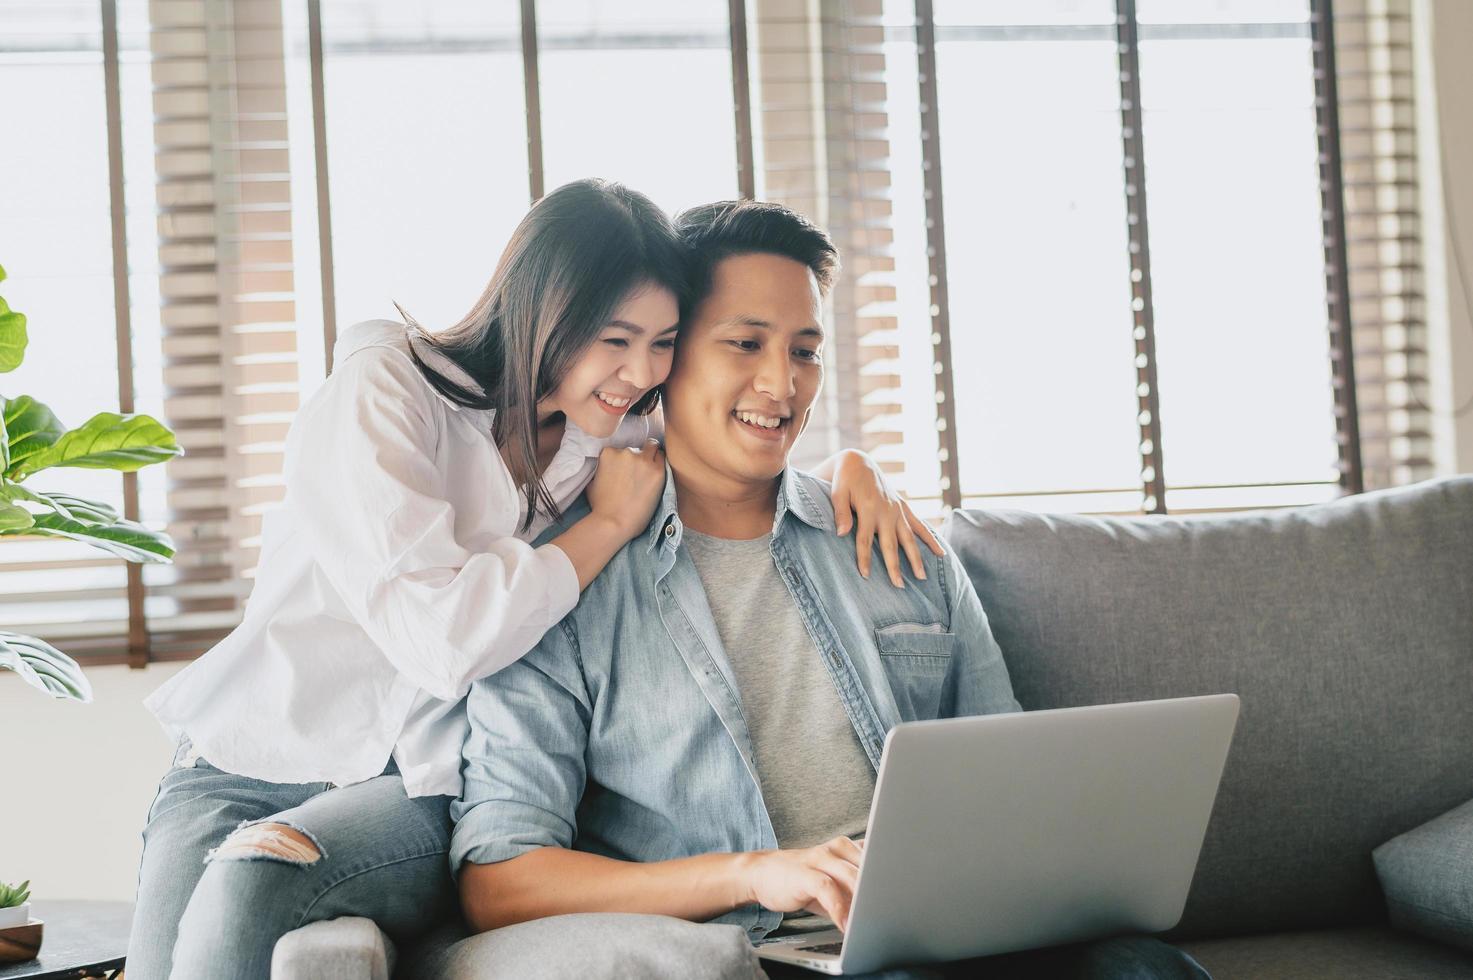 asiatisches Paar mit Laptop auf Sofa zu Hause foto